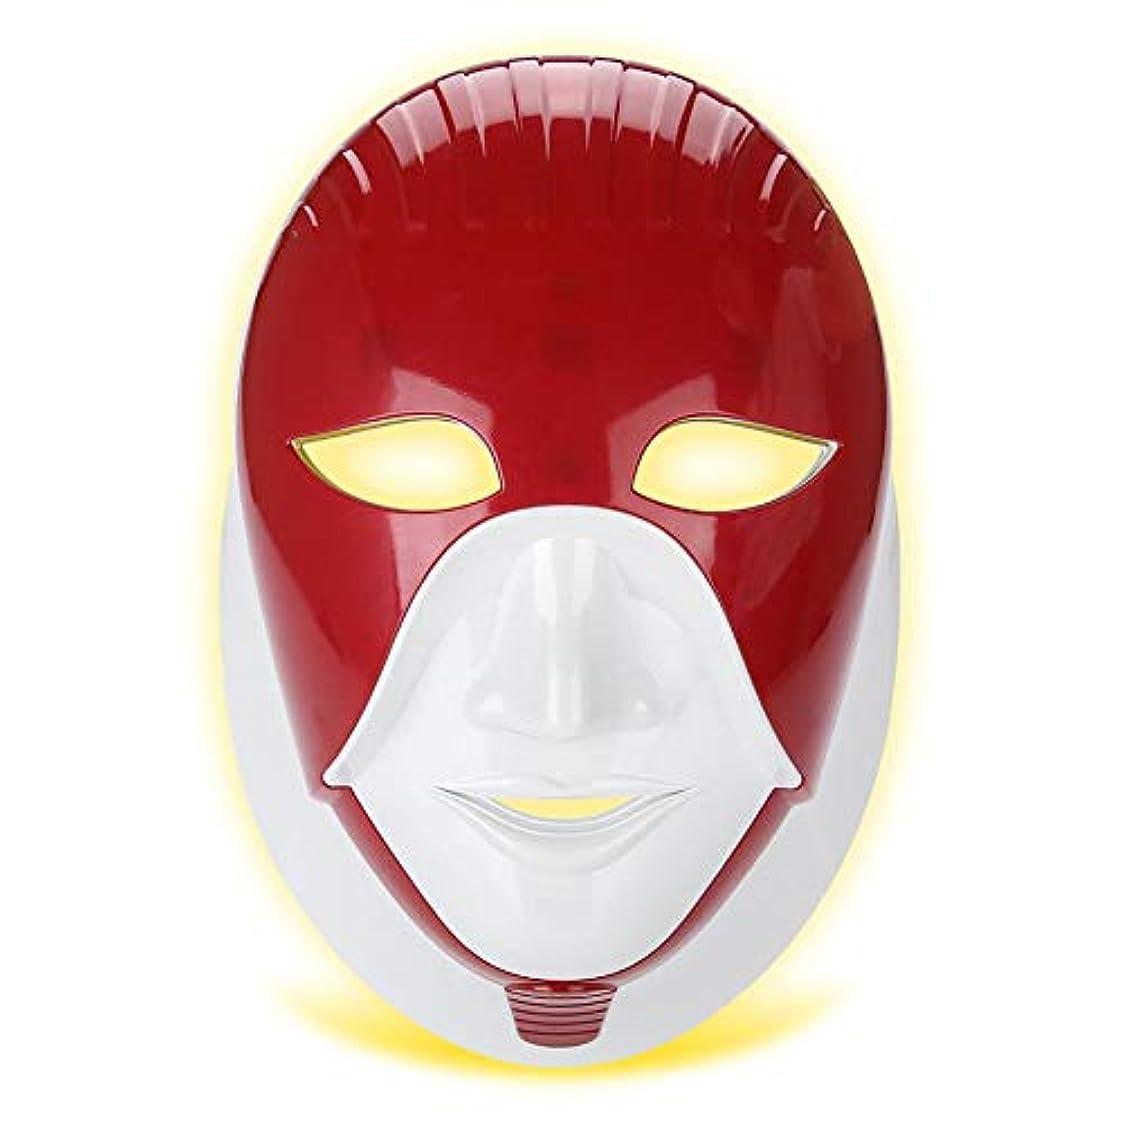 ブルゴーニュ守る乞食LEDフェイシャルネックマスク、滑らかな肌のより良いのための7色のネオン - 輝くライトフェイスケア美容ツール、肌のリラクゼーショング、引き締め、調色、引き締まった肌、瑕疵び、美白(02#)